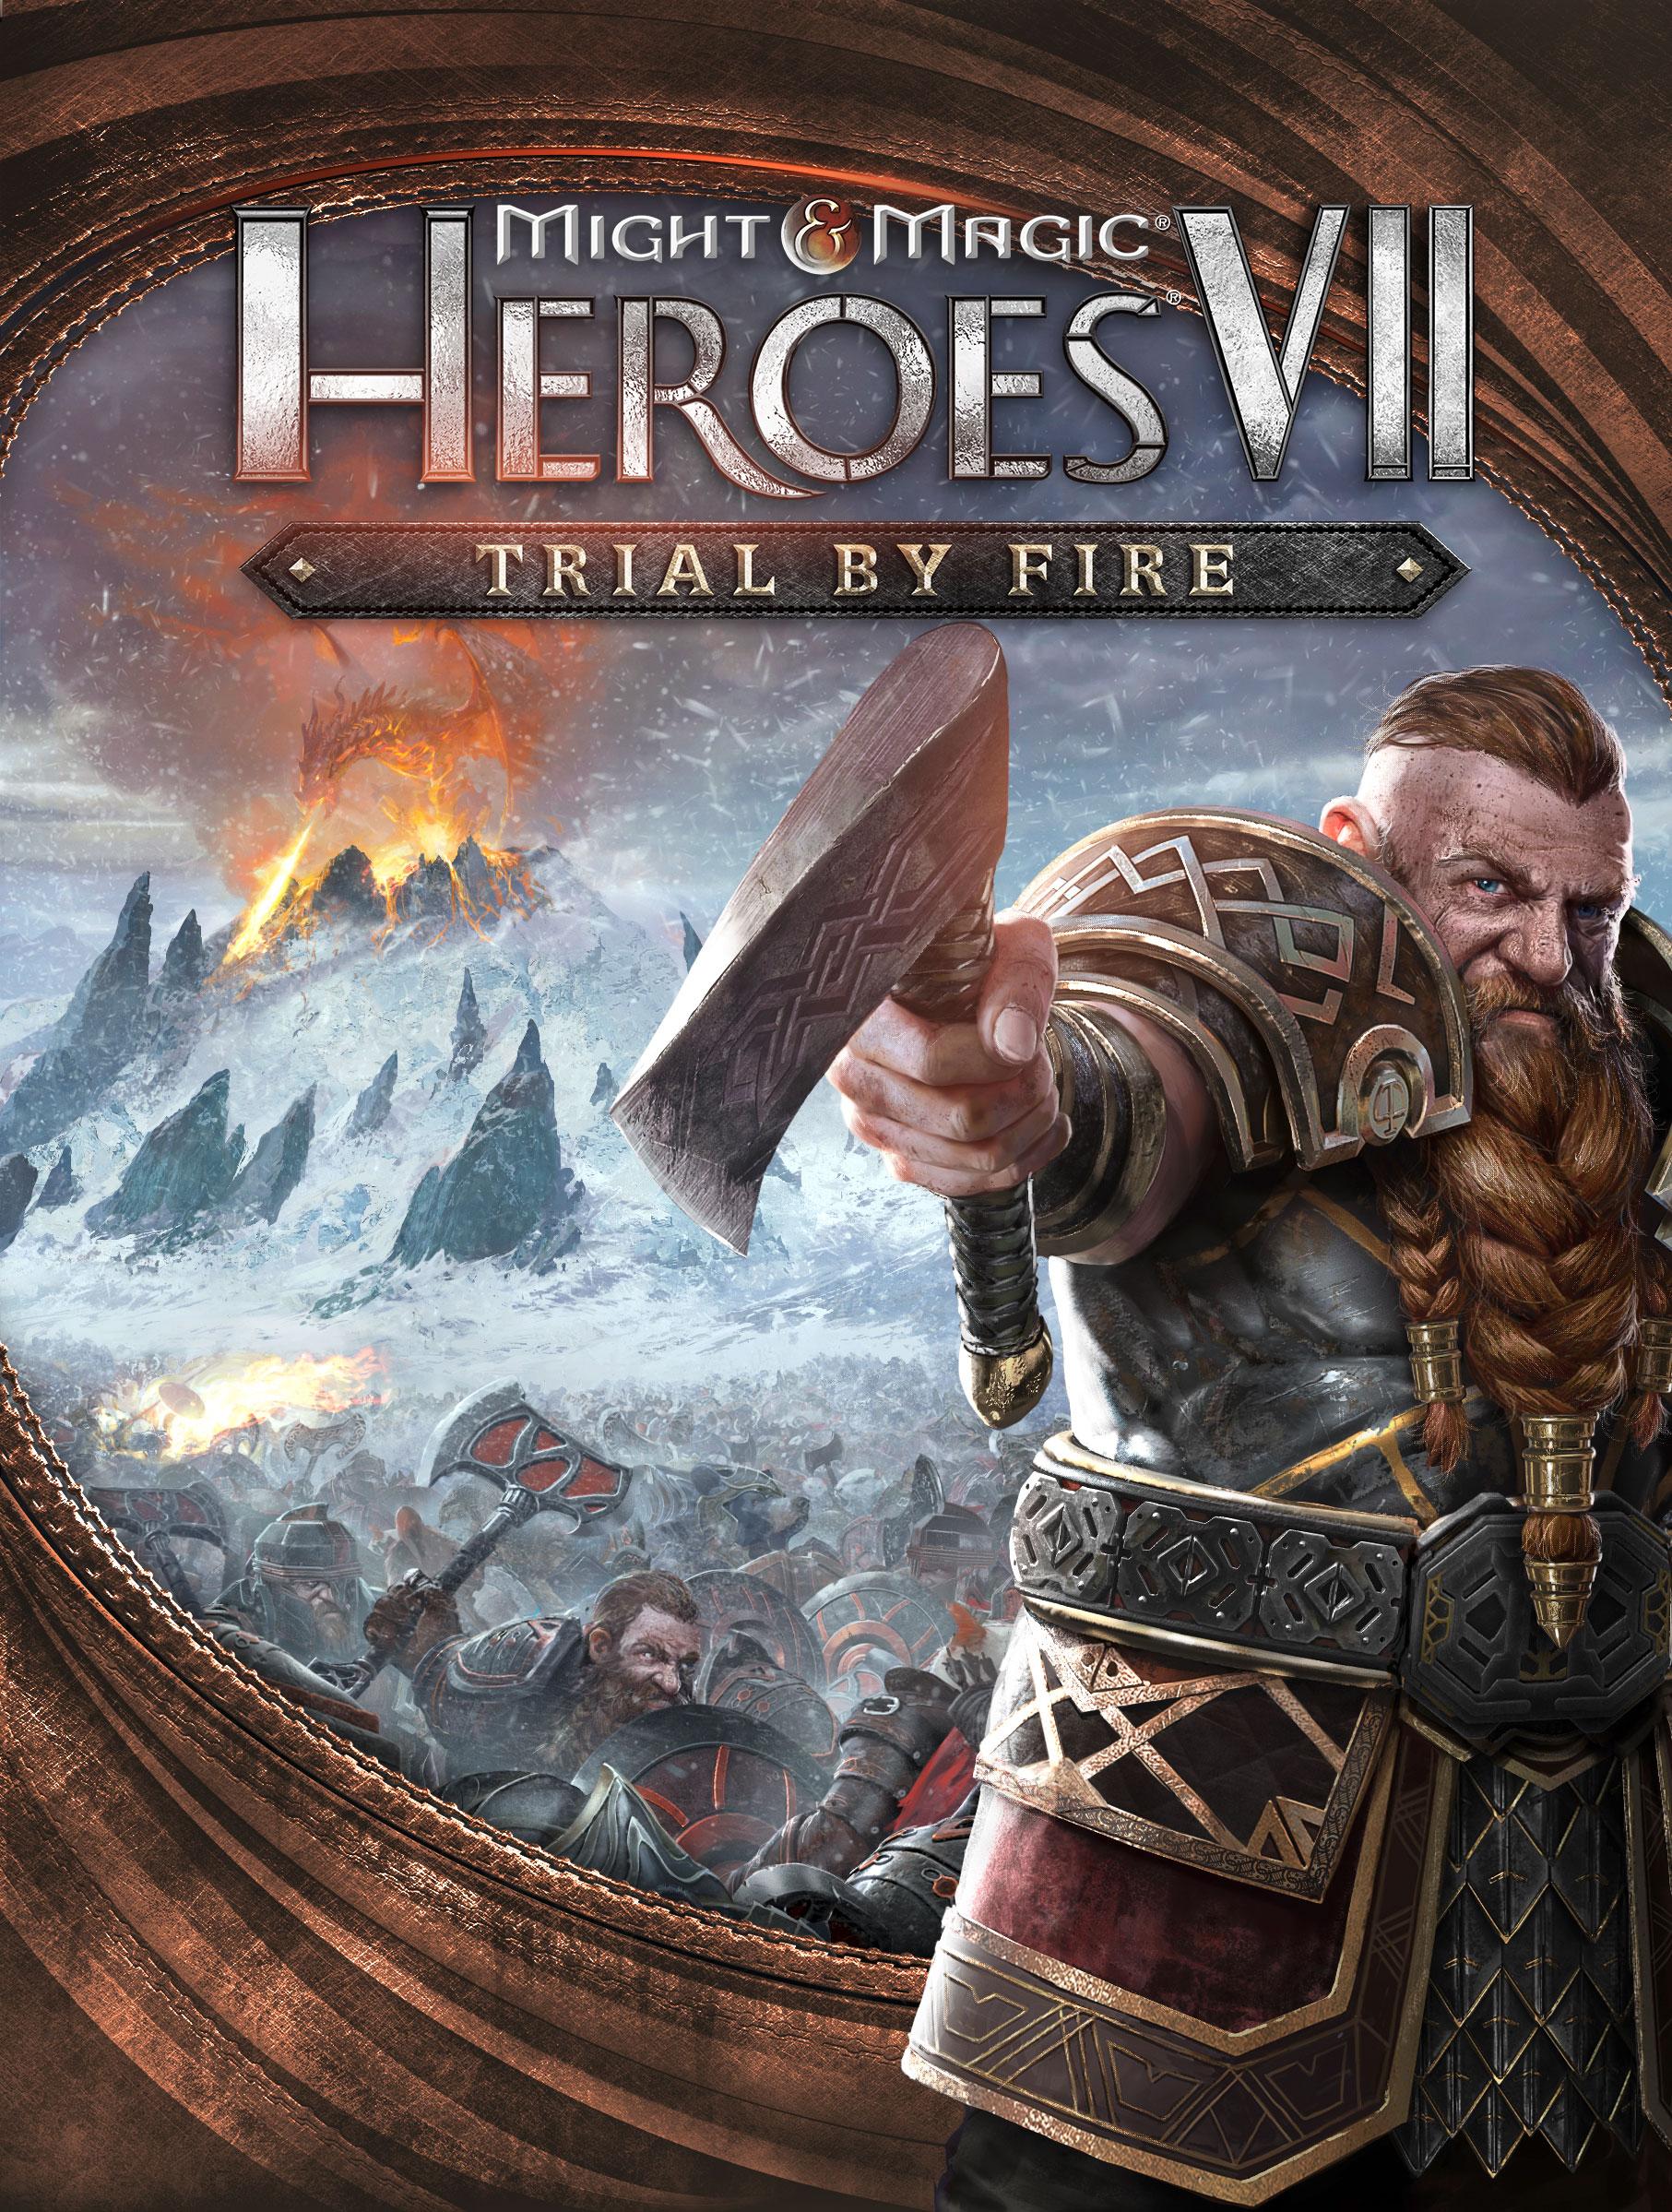 Меч и Магия Герои VII (Might & Magic Heroes VII) Испытание огнем [PC, Цифровая версия] (Цифровая версия)